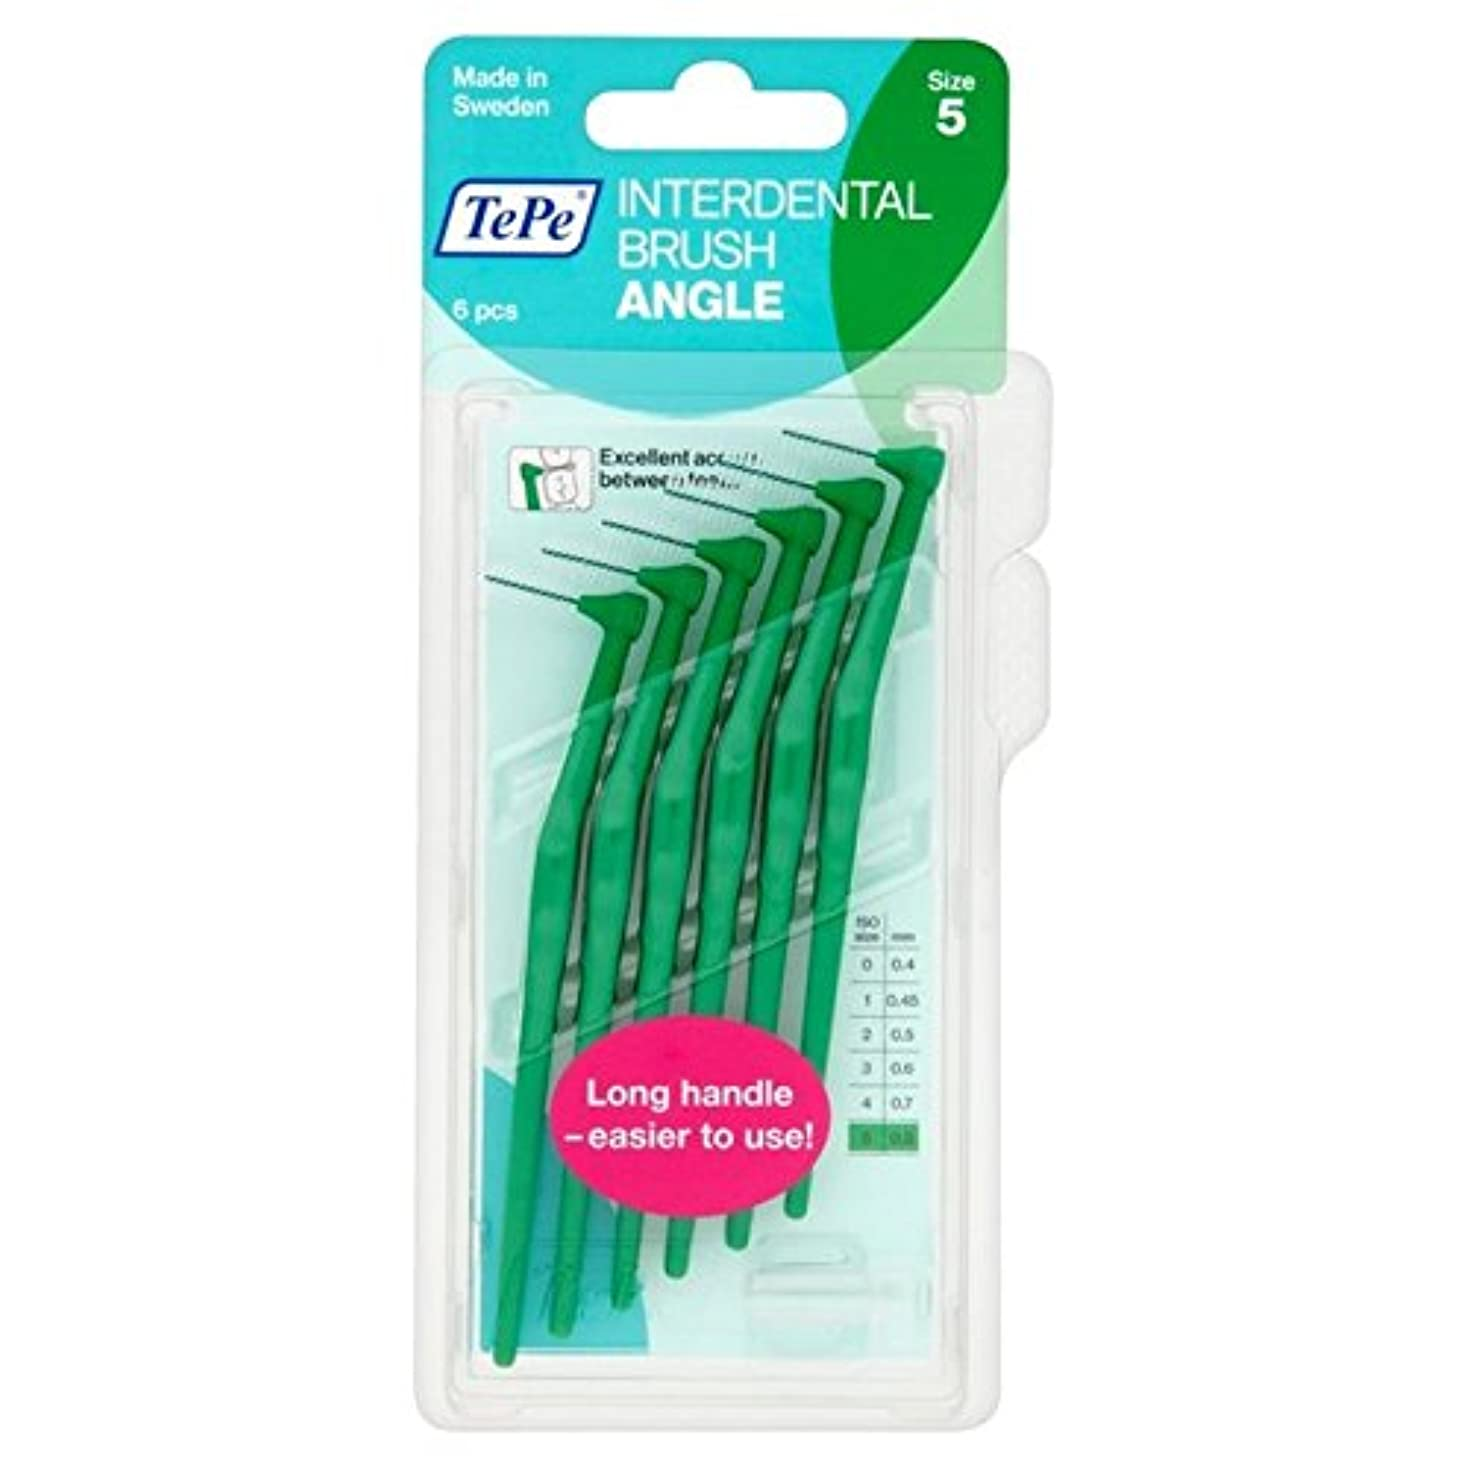 欠員用心スプリットパックあたり6 0.8ミリメートル緑テペ角度 x2 - TePe Angle Green 0.8mm 6 per pack (Pack of 2) [並行輸入品]